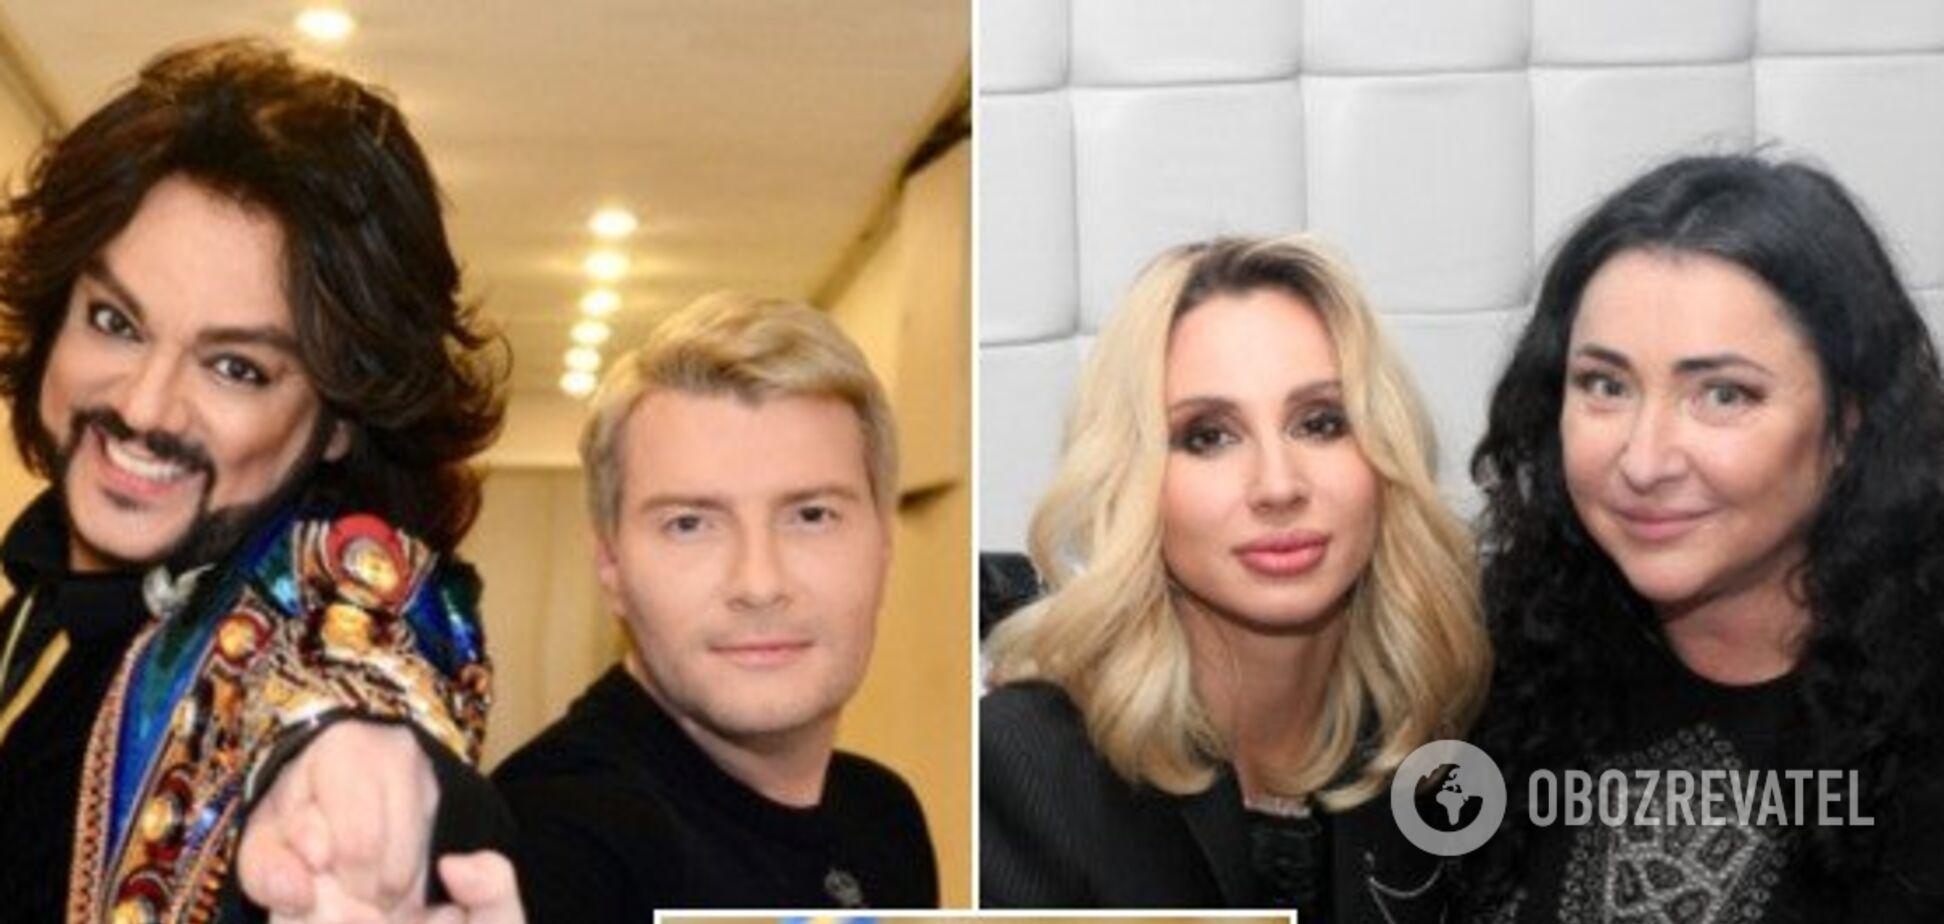 Заборонені зірки з Росії зібралися в Україну: чи впустять їх за Зеленського